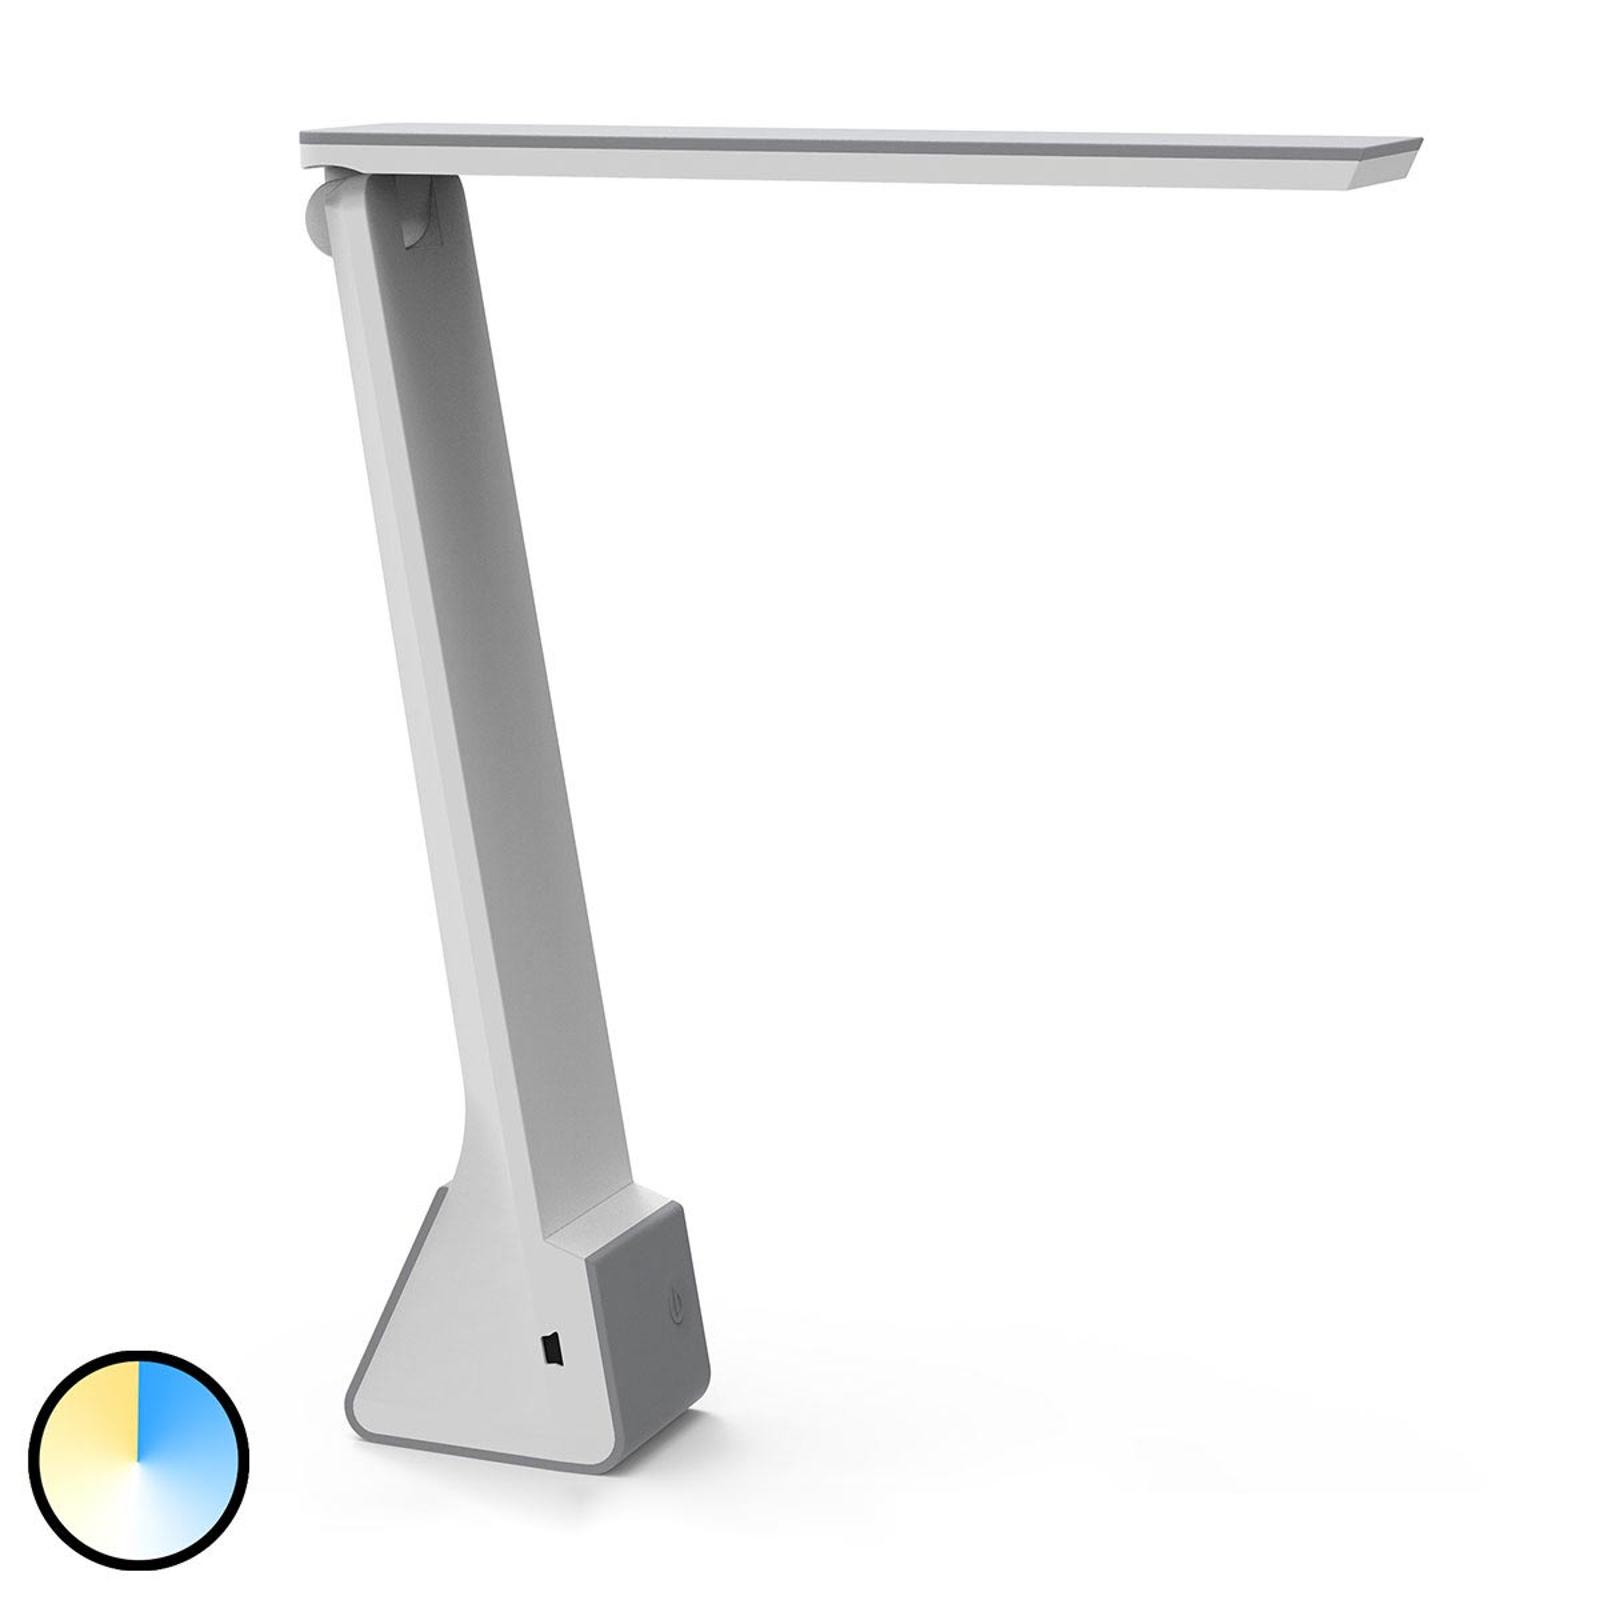 LED-työpöytälamppu MAULseven, akku, harmaa